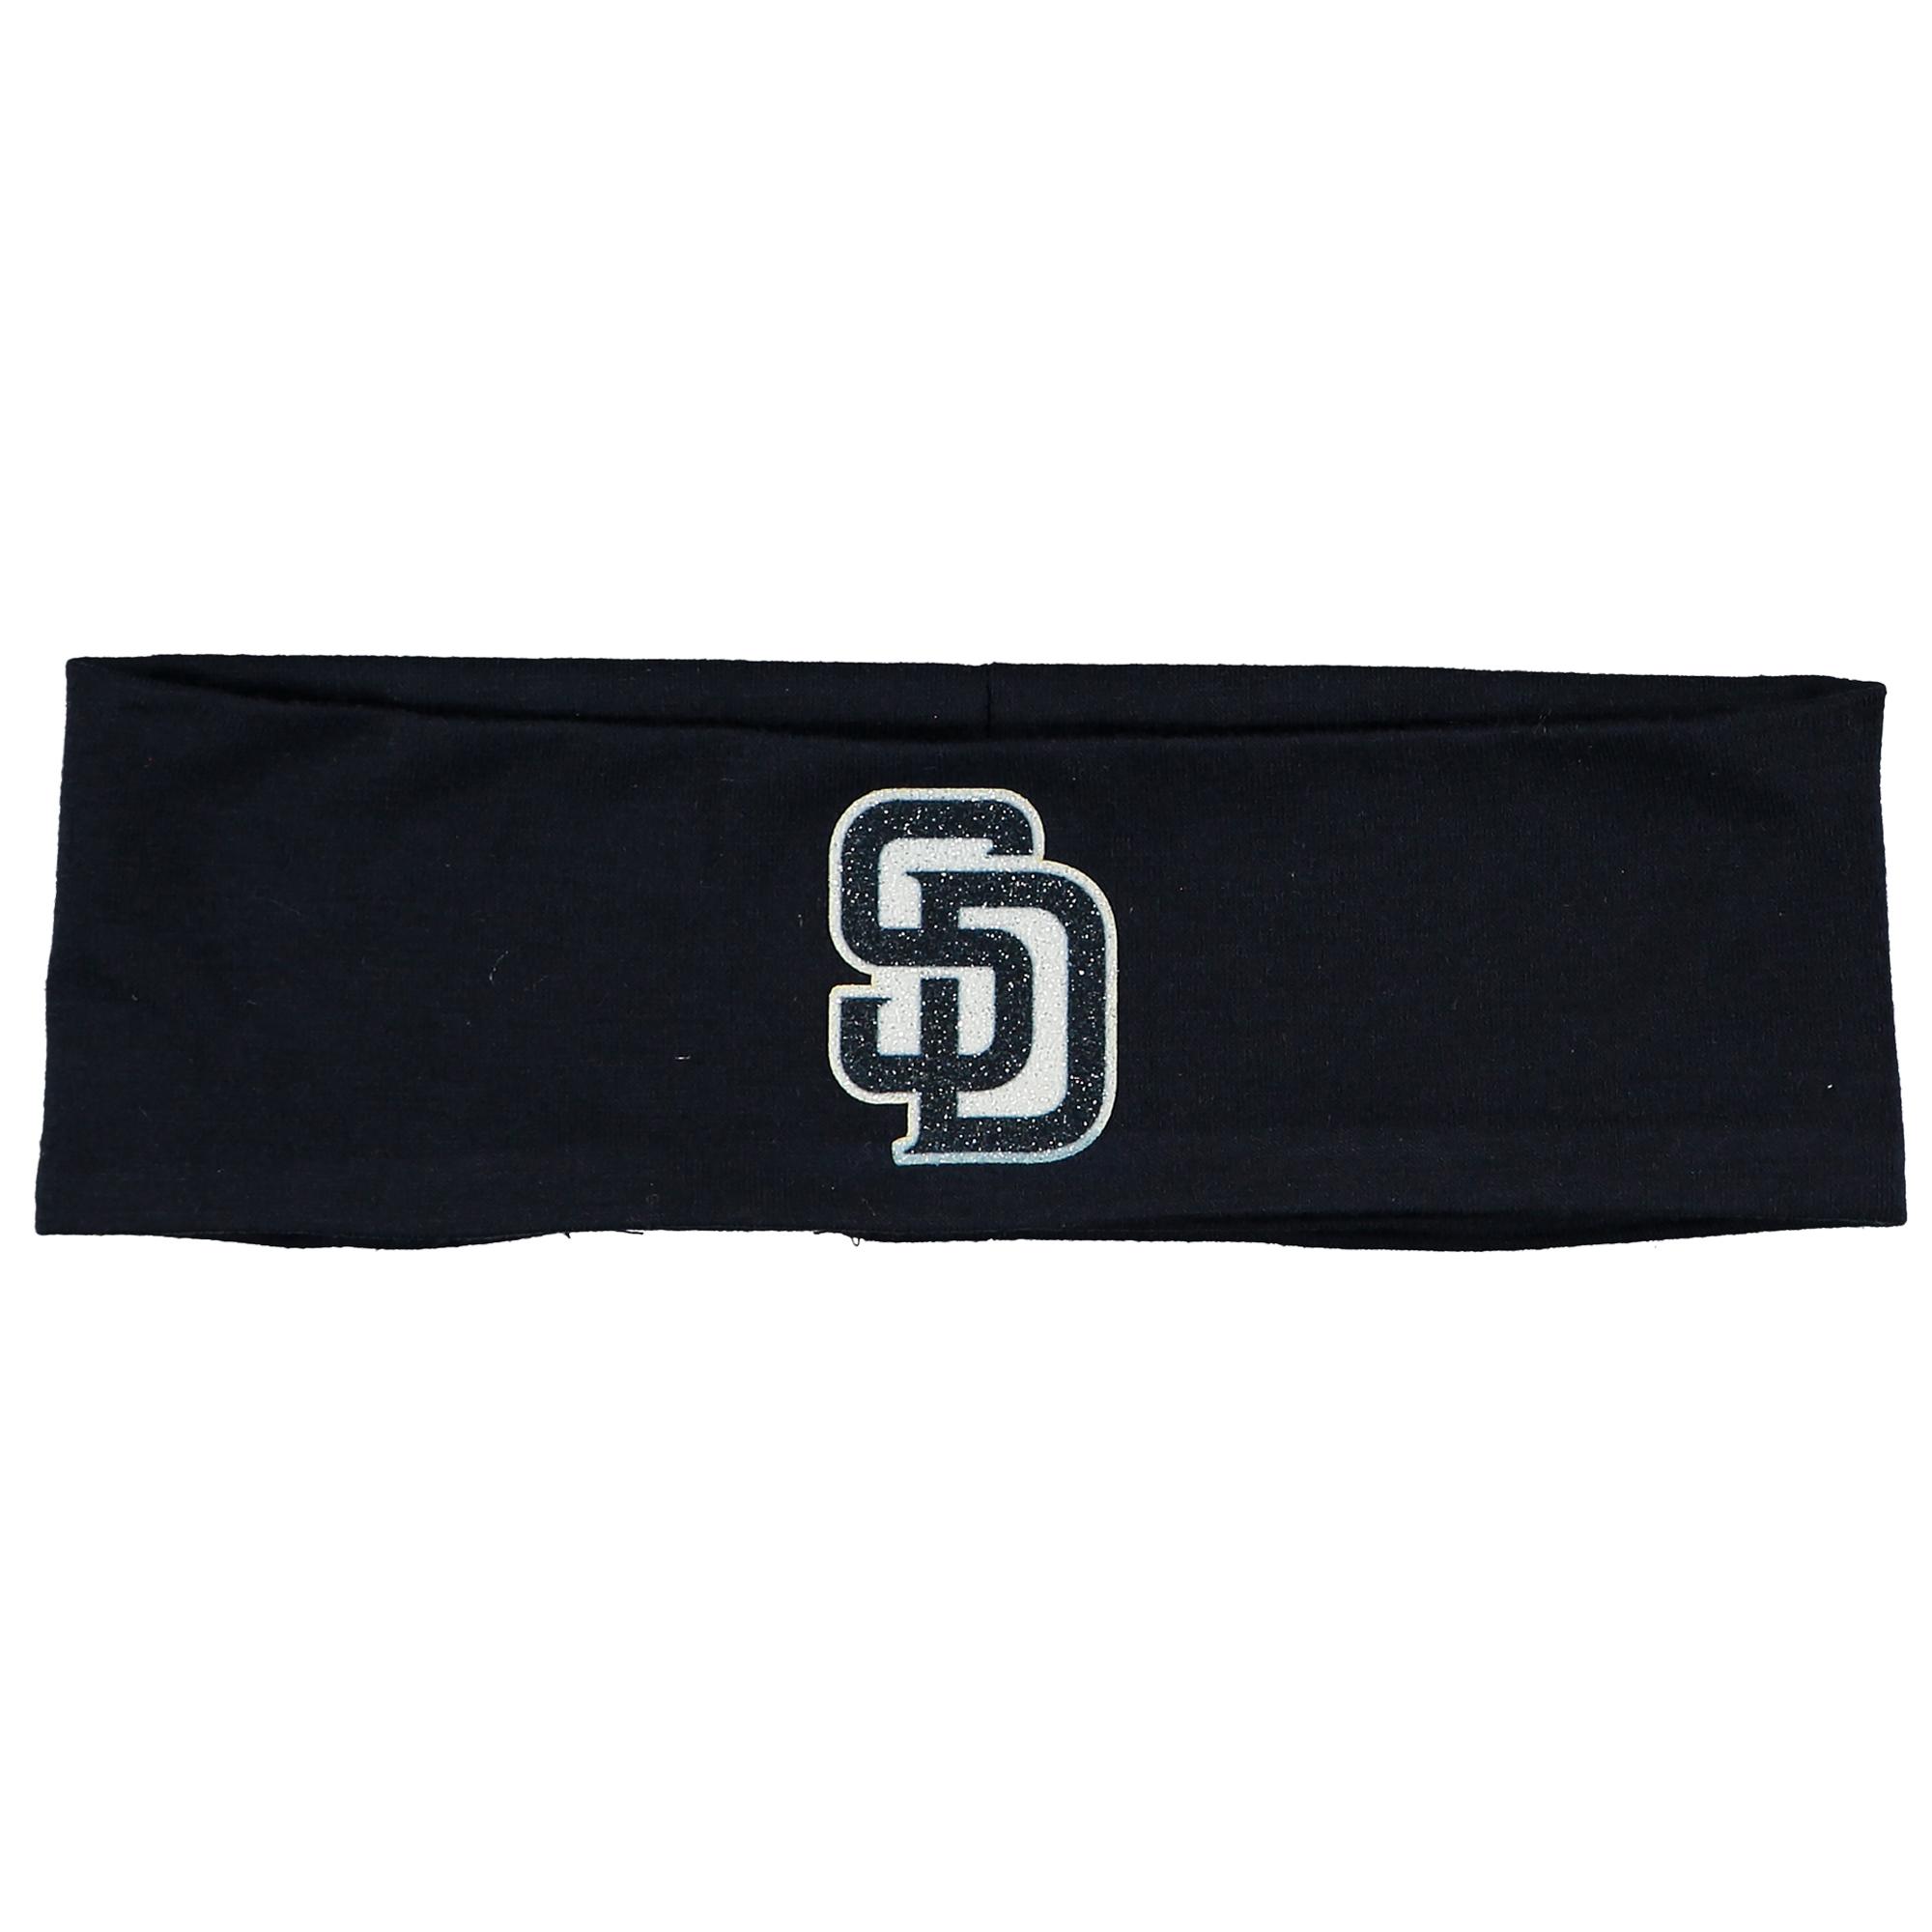 San Diego Padres Women's Stretch Headband - No Size